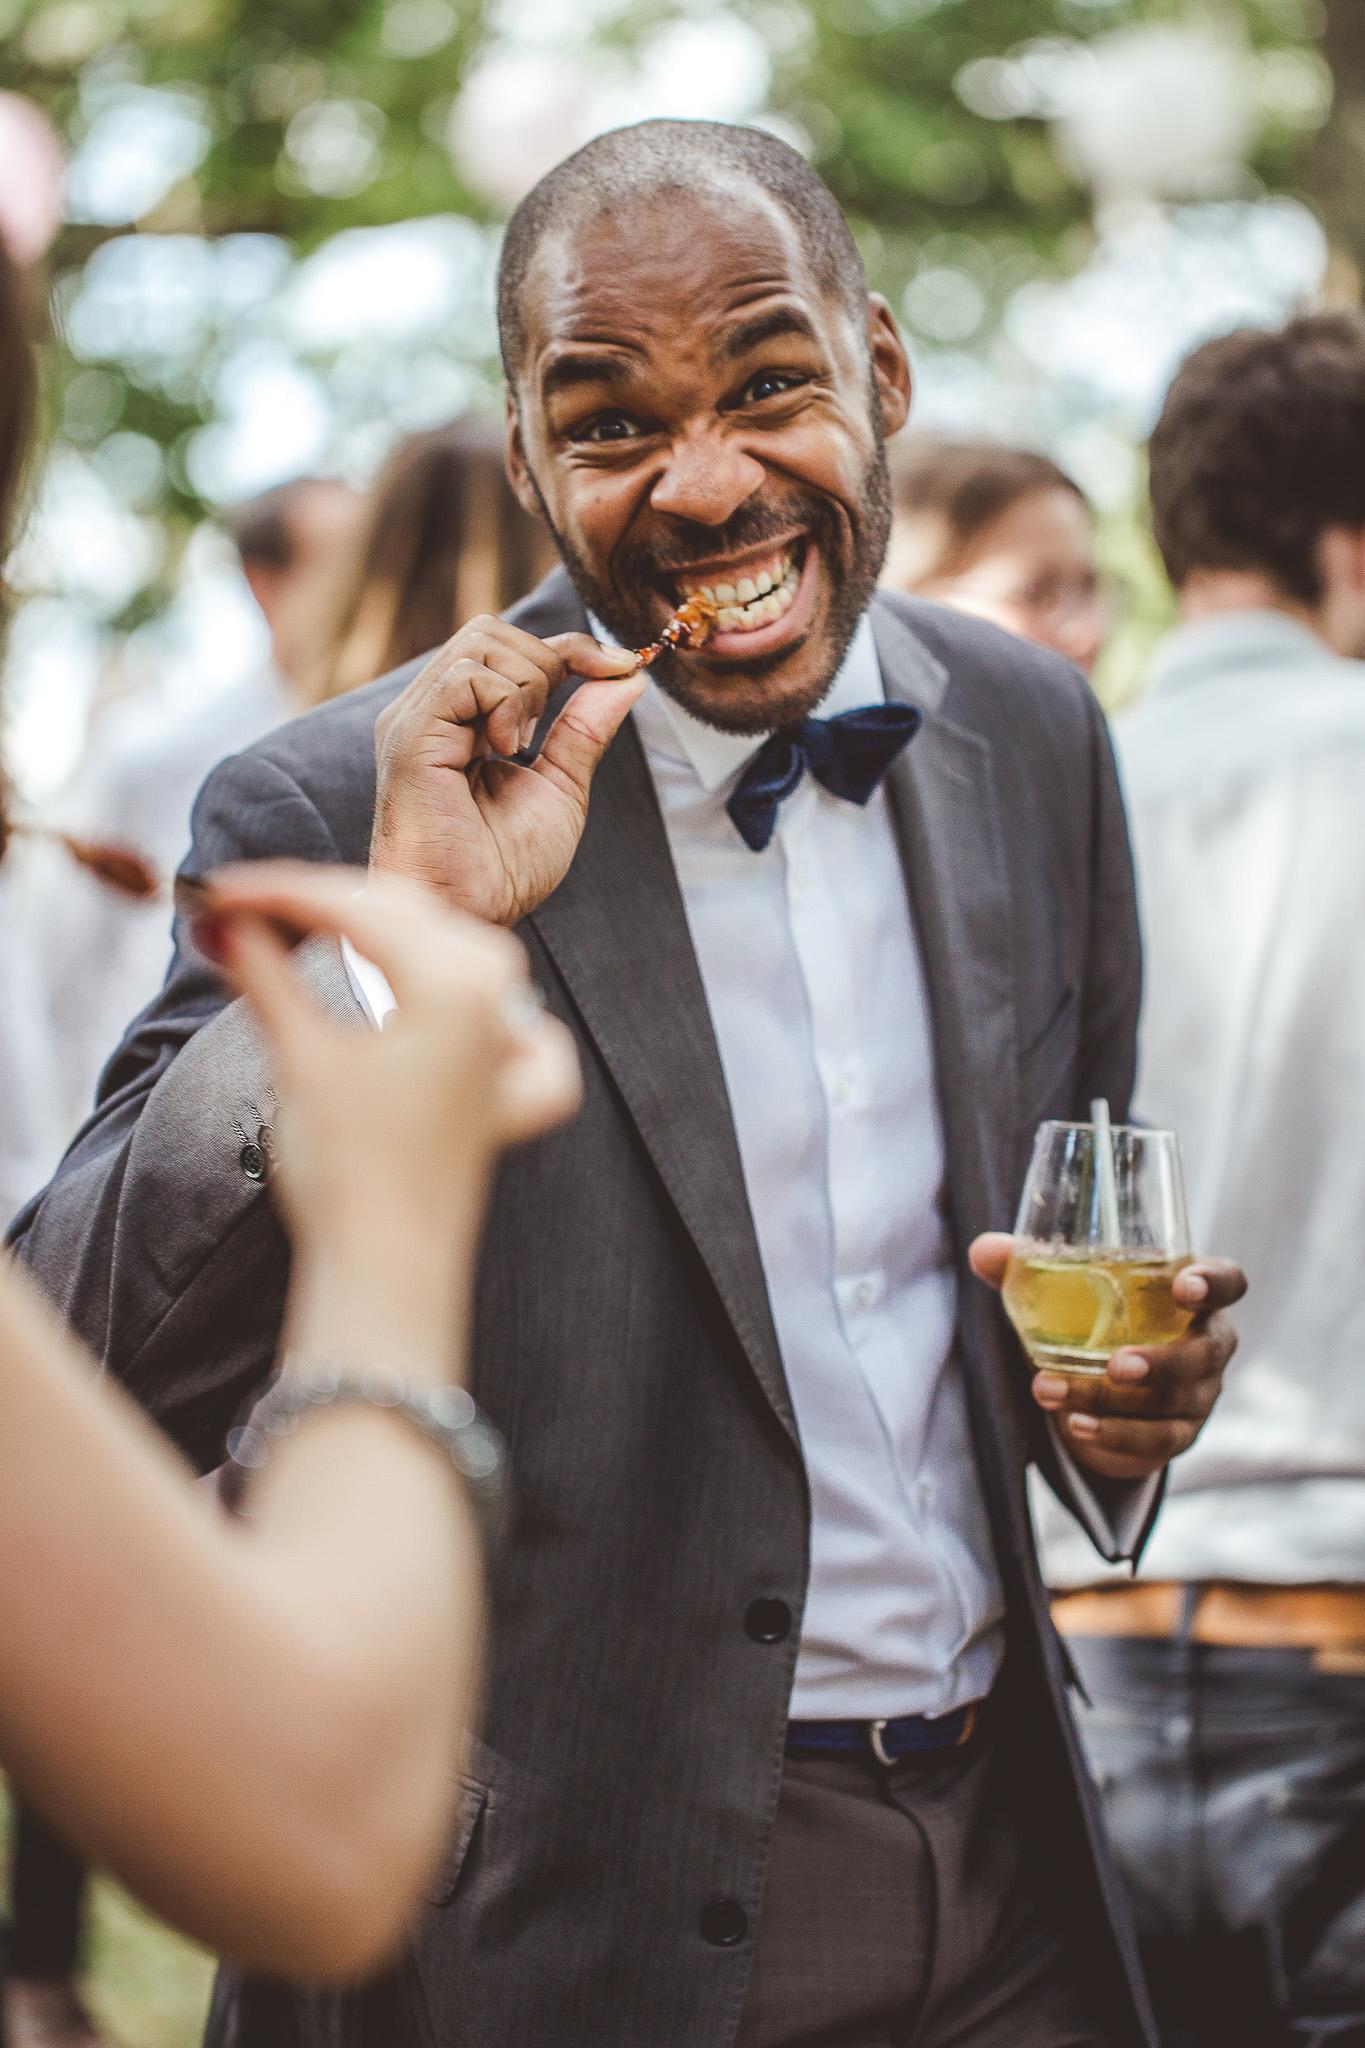 reportage mariage photo invites enfant amis bande cocktail vin honneur traiteur cognac